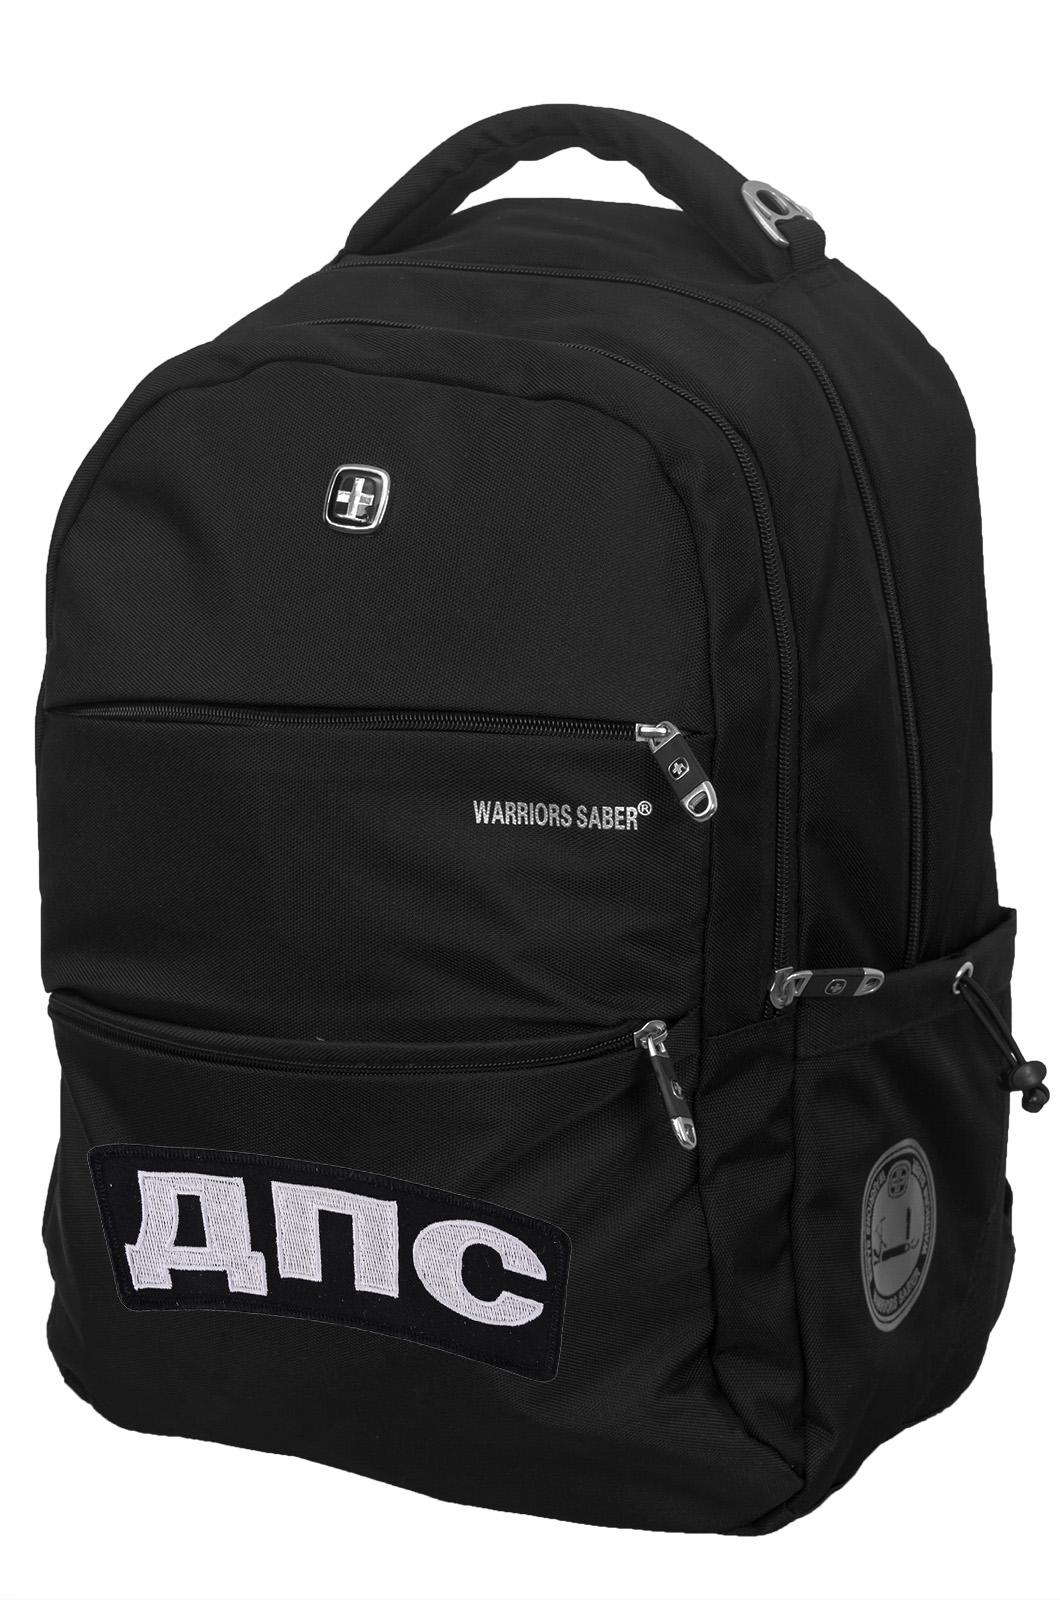 Универсальный городской рюкзак с нашивкой ДПС - заказать с доставкой